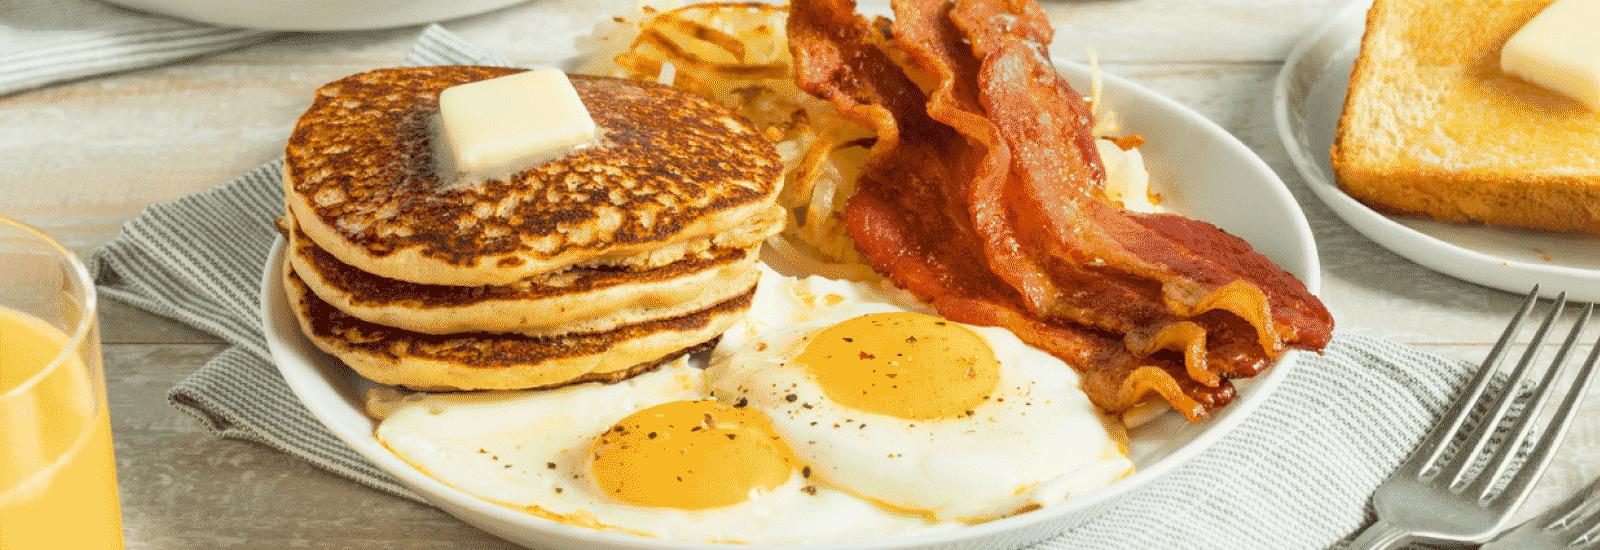 Breakfast Restaurants in Moreno Valley